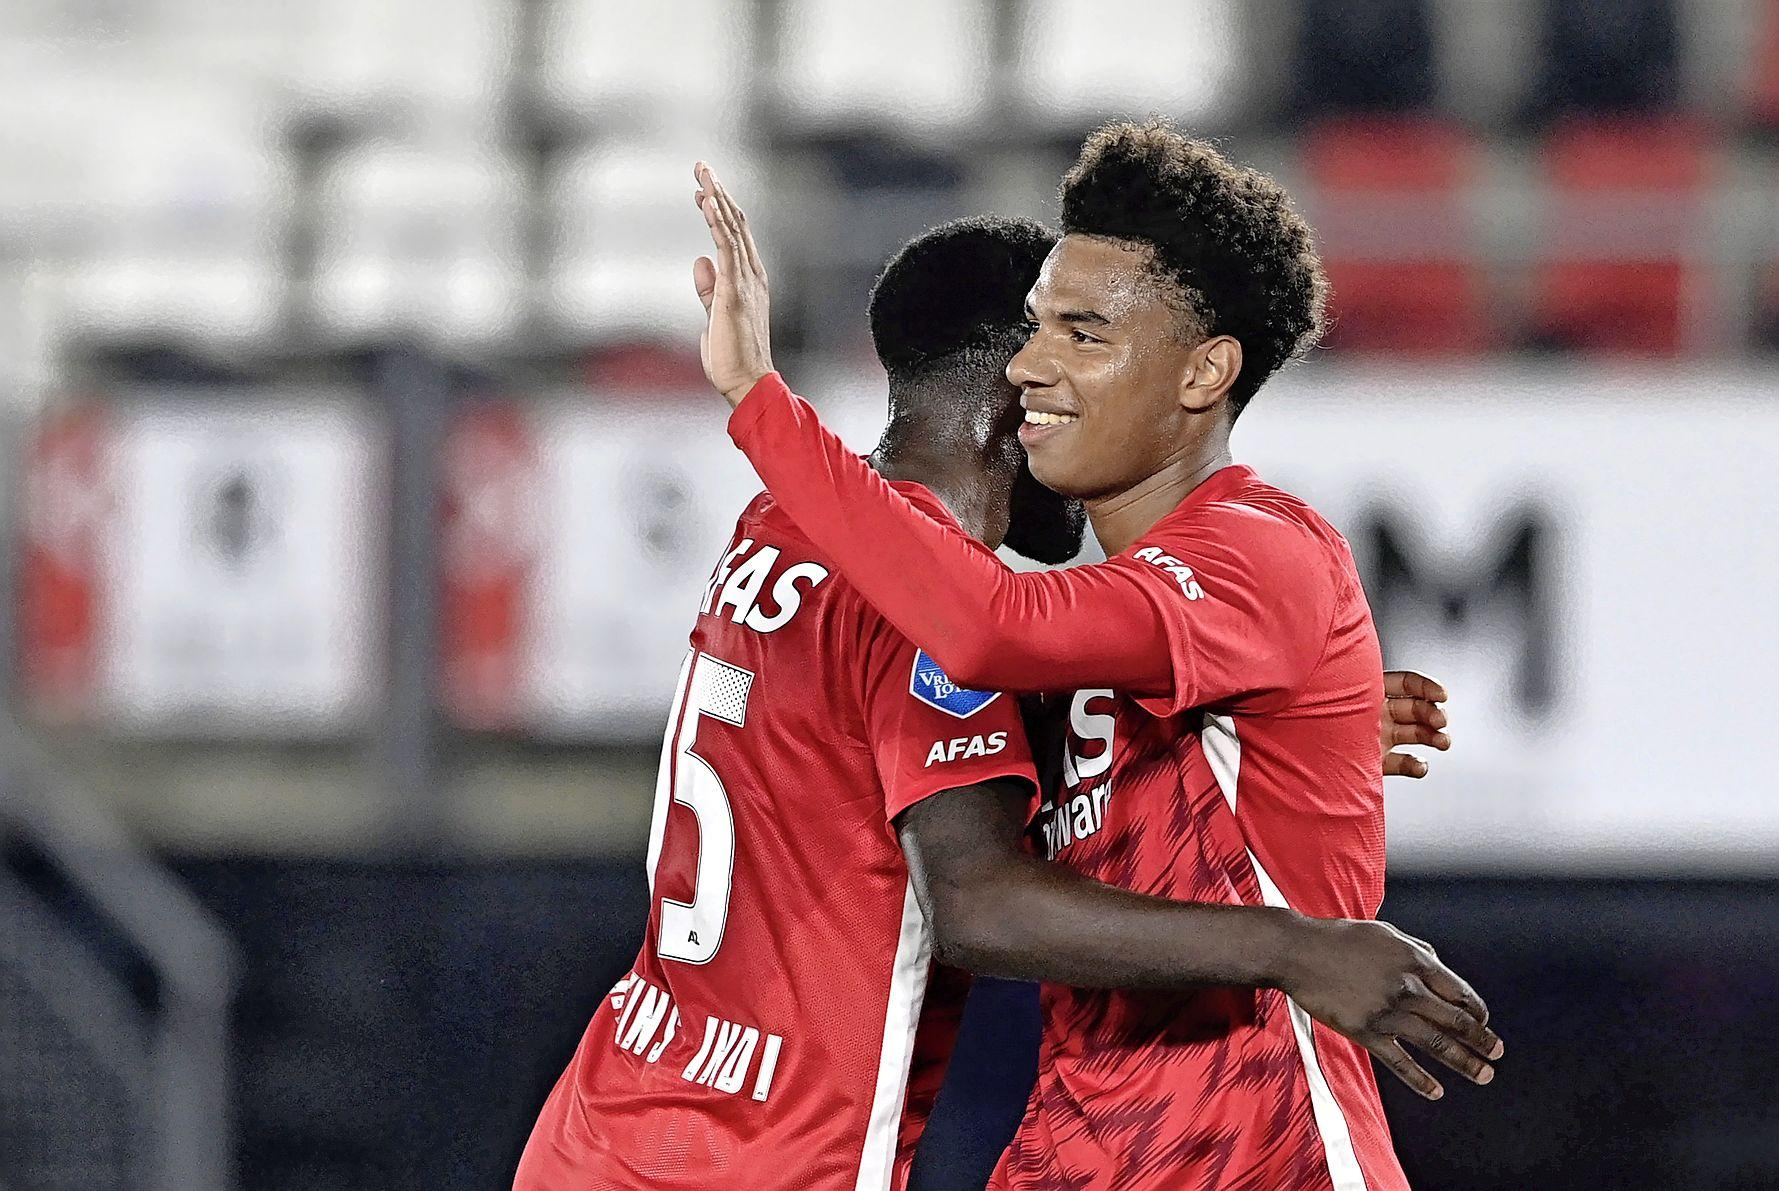 Opsteker voor AZ: Calvin Stengs is terug op het trainingsveld, vijf dagen voor wedstrijd tegen Feyenoord